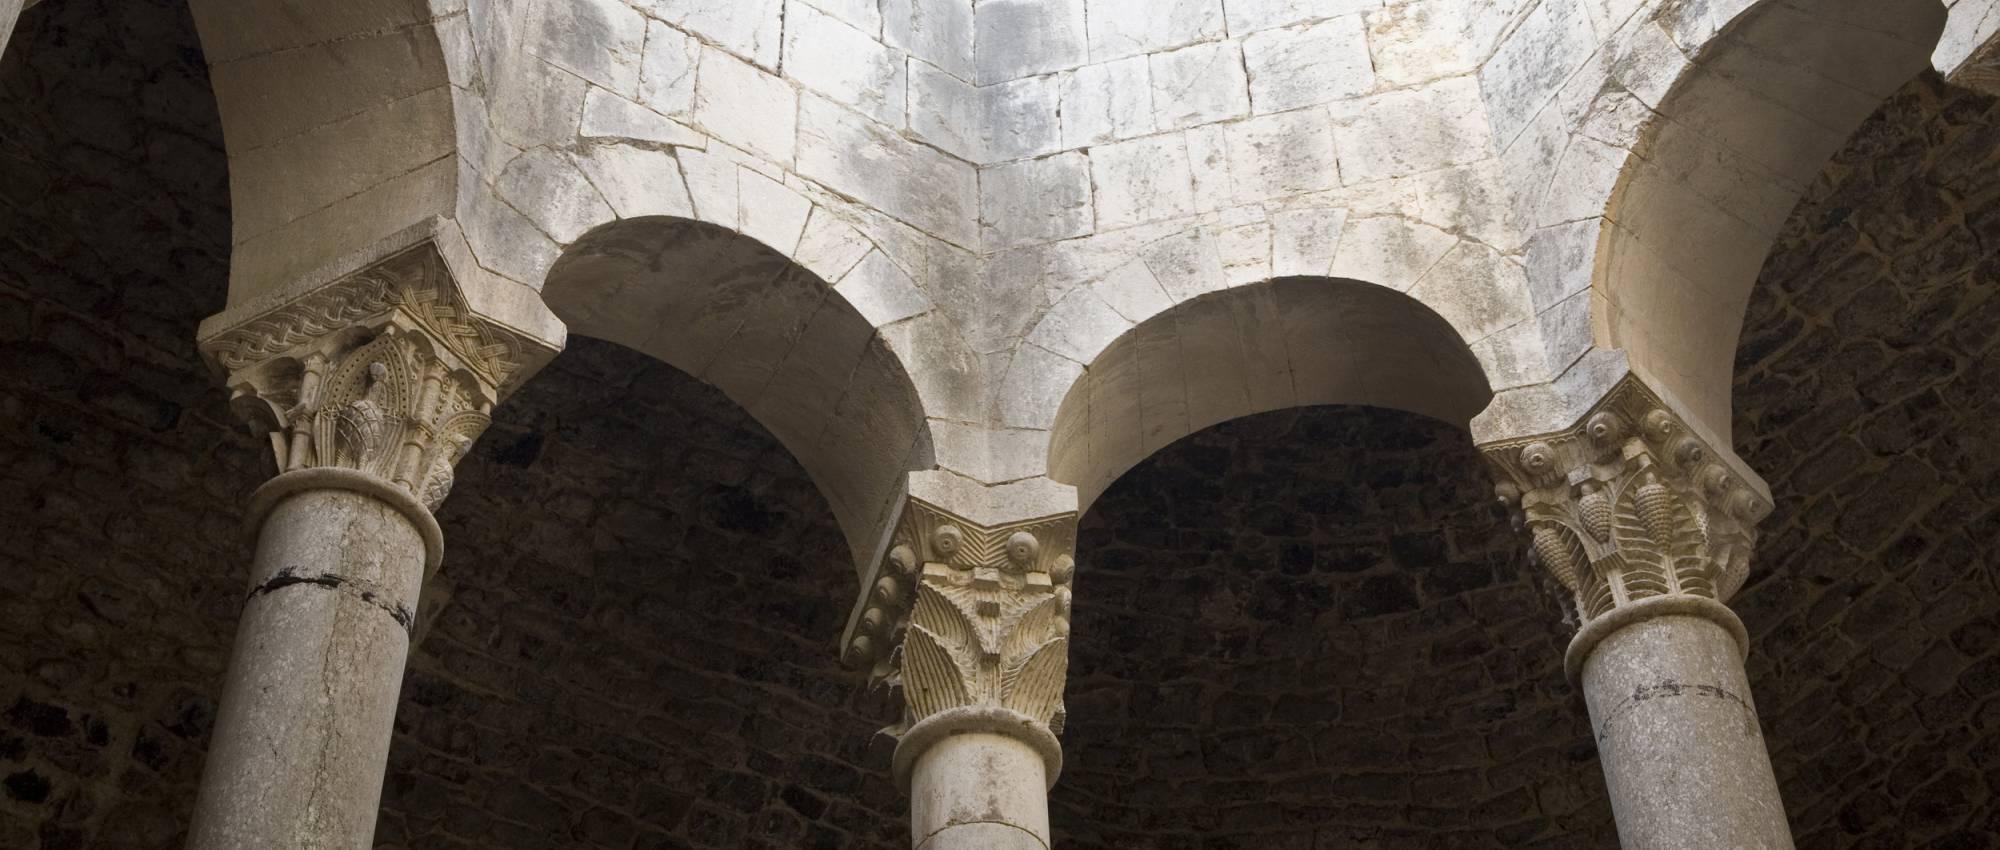 Baños Romanos Girona:Baños Árabes de Girona